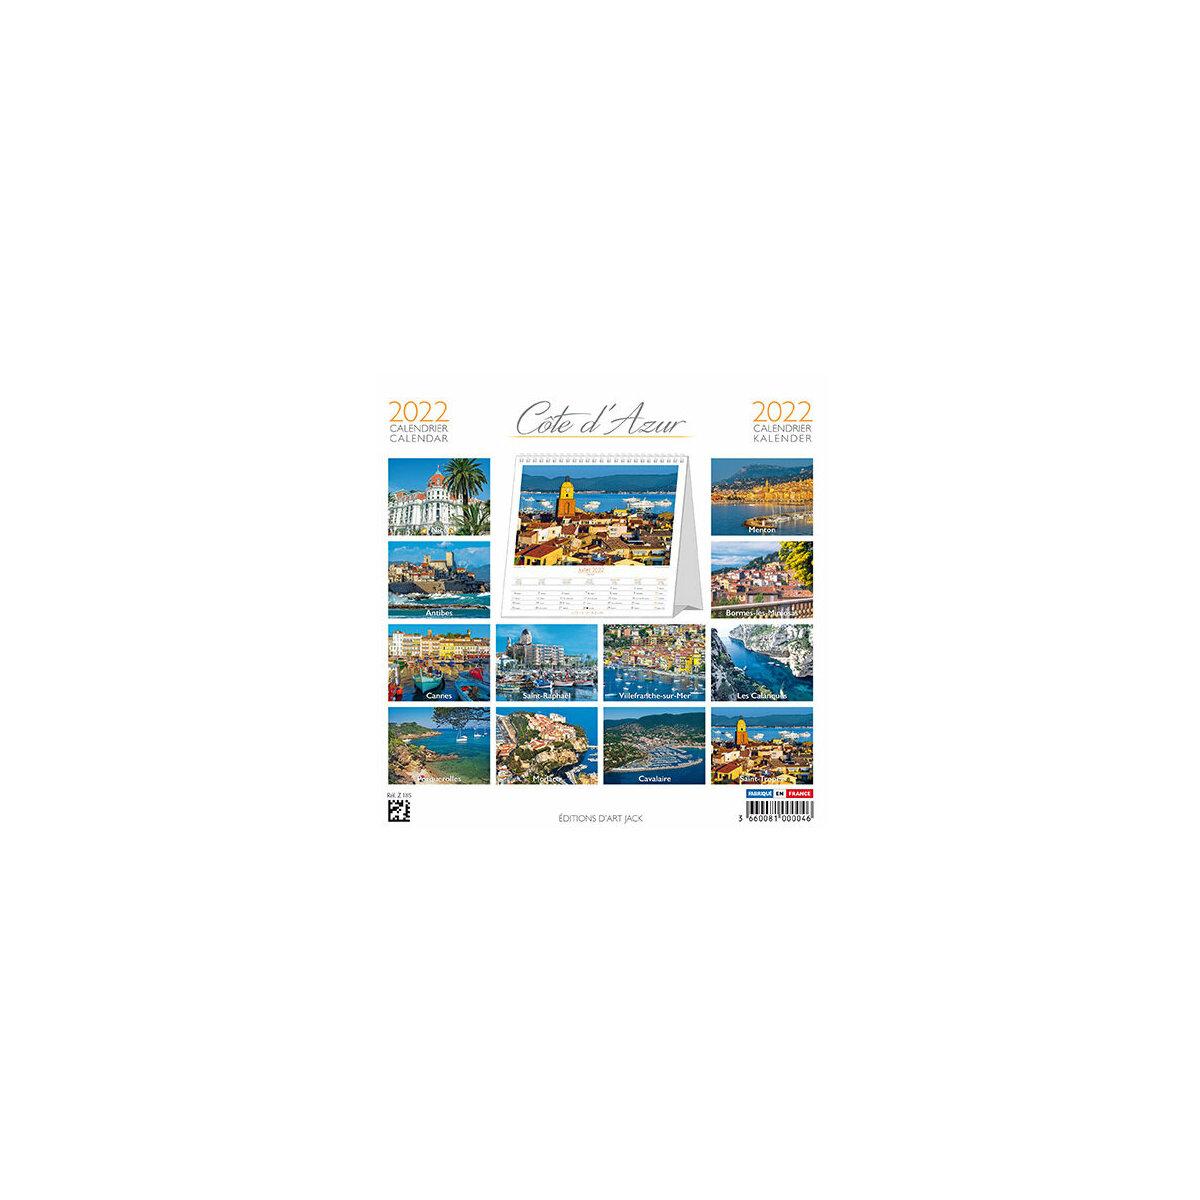 Calendrier Chevalet 2022 Calendrier chevalet 2022 Côte d'Azur